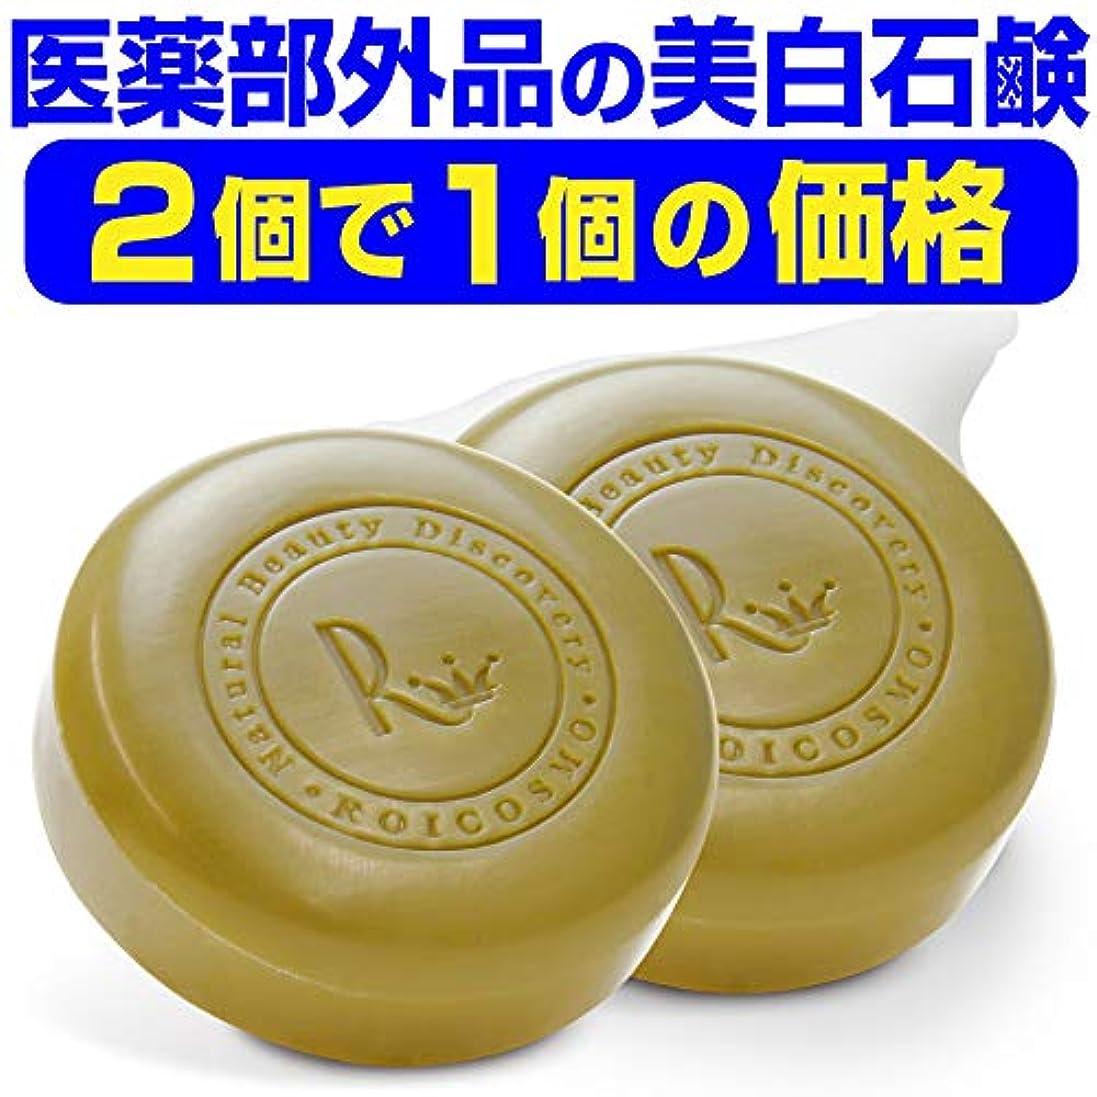 閉じる勇気見積り2個まとめ買い9%OFF 美白石鹸/ビタミンC270倍の美白成分配合の 洗顔石鹸 固形『ホワイトソープ100g×2個』